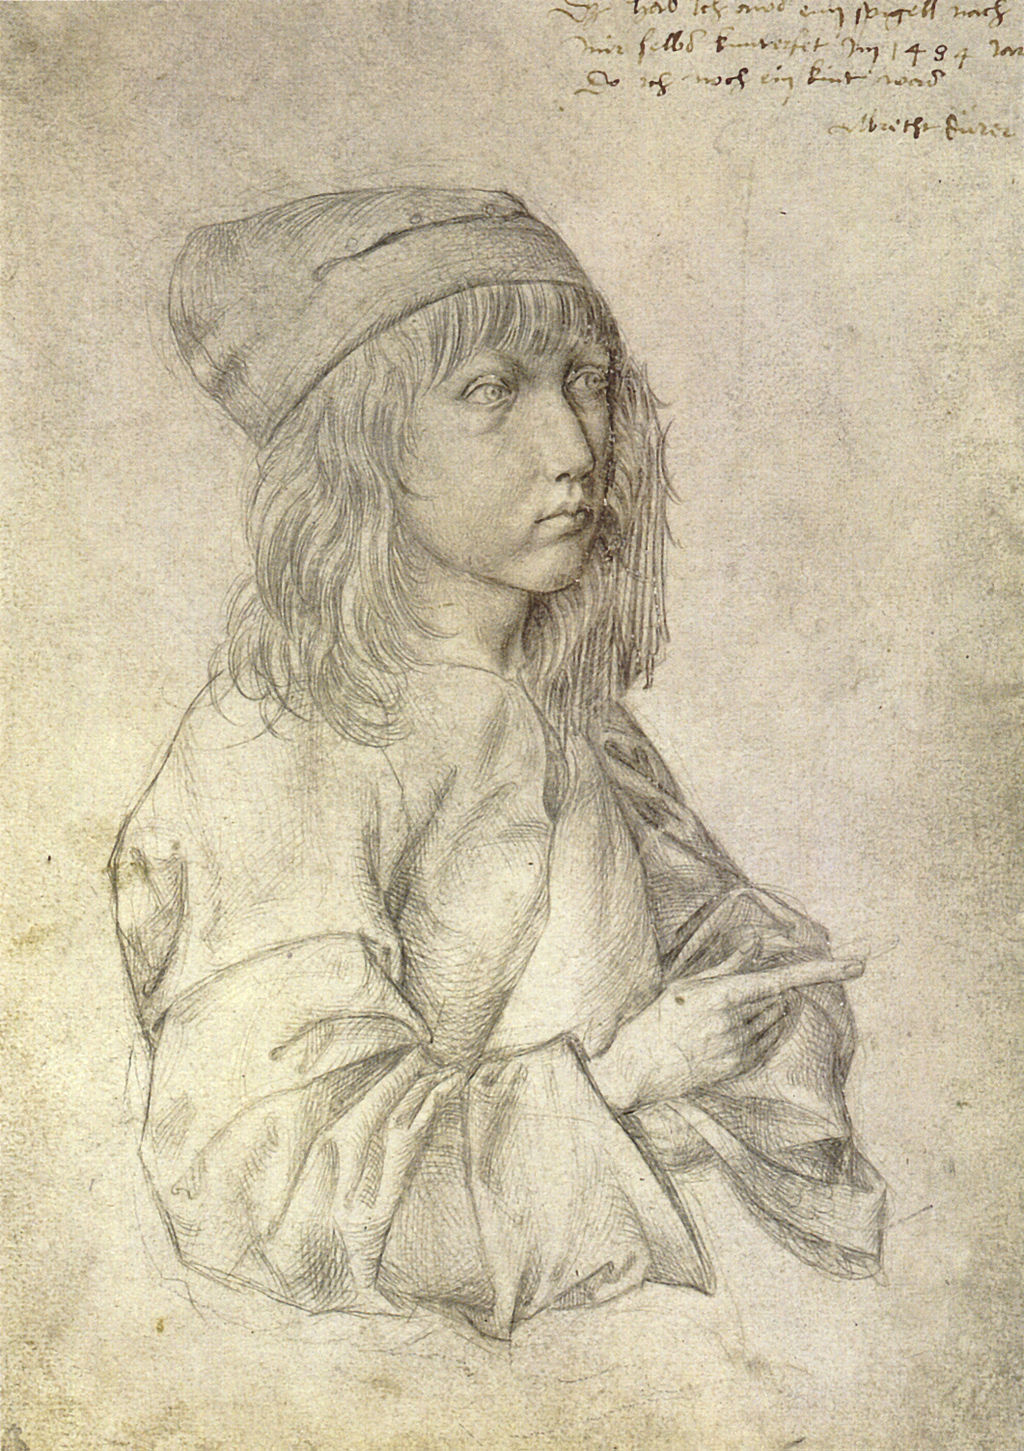 Selbstporträt mit 13 von Albrecht Dürer